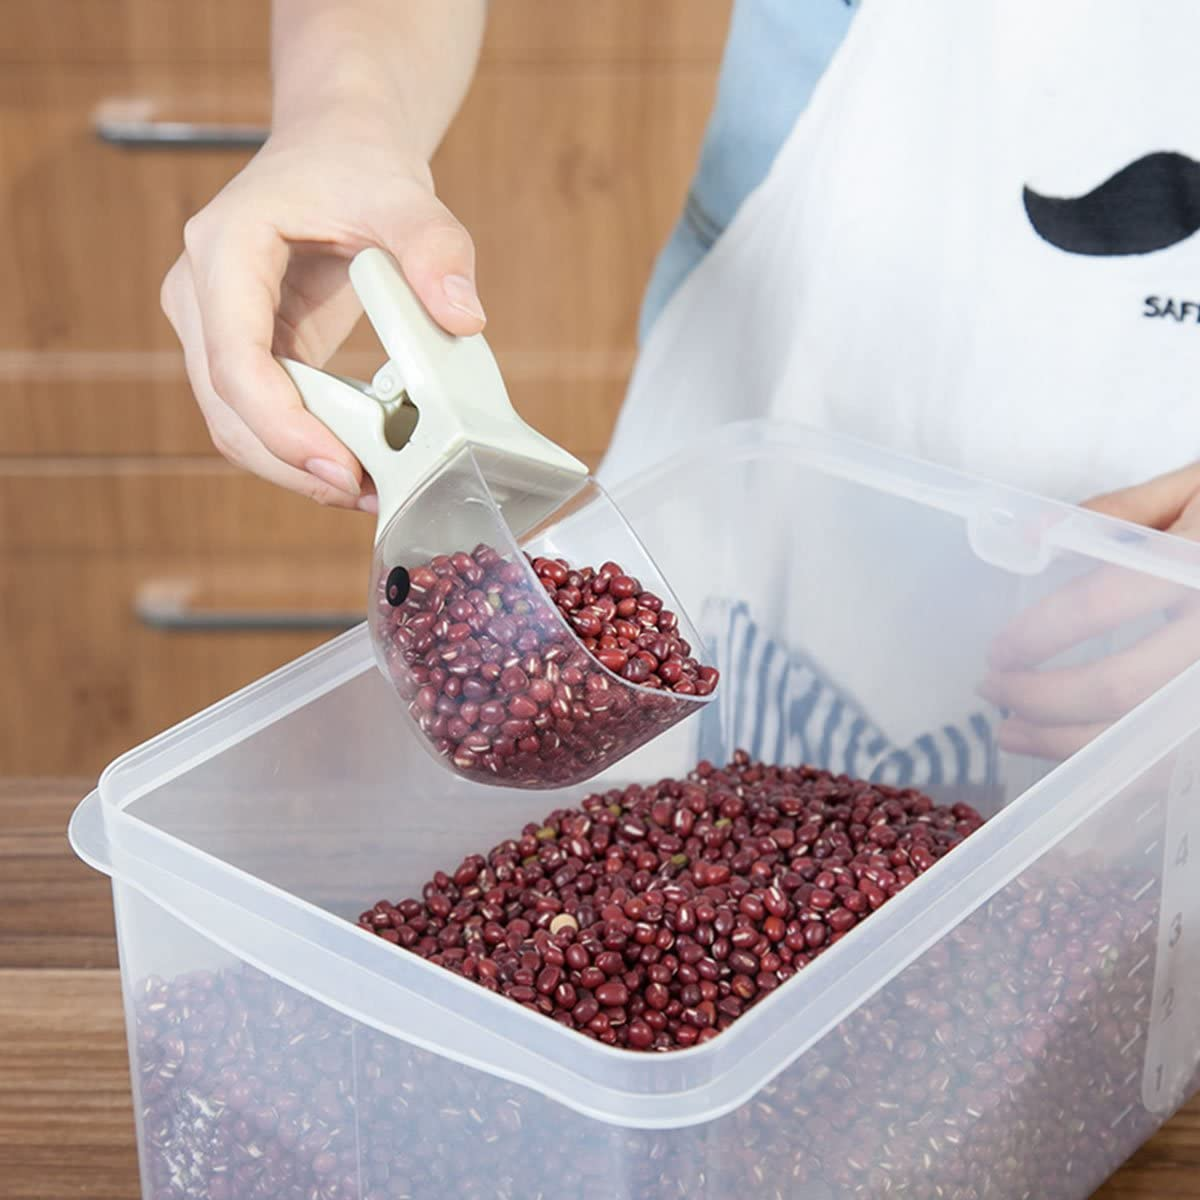 Oumosi plastica pasta cereale paletta multifunzionale duck-clip misura tazza di riso cucchiaio dosatore